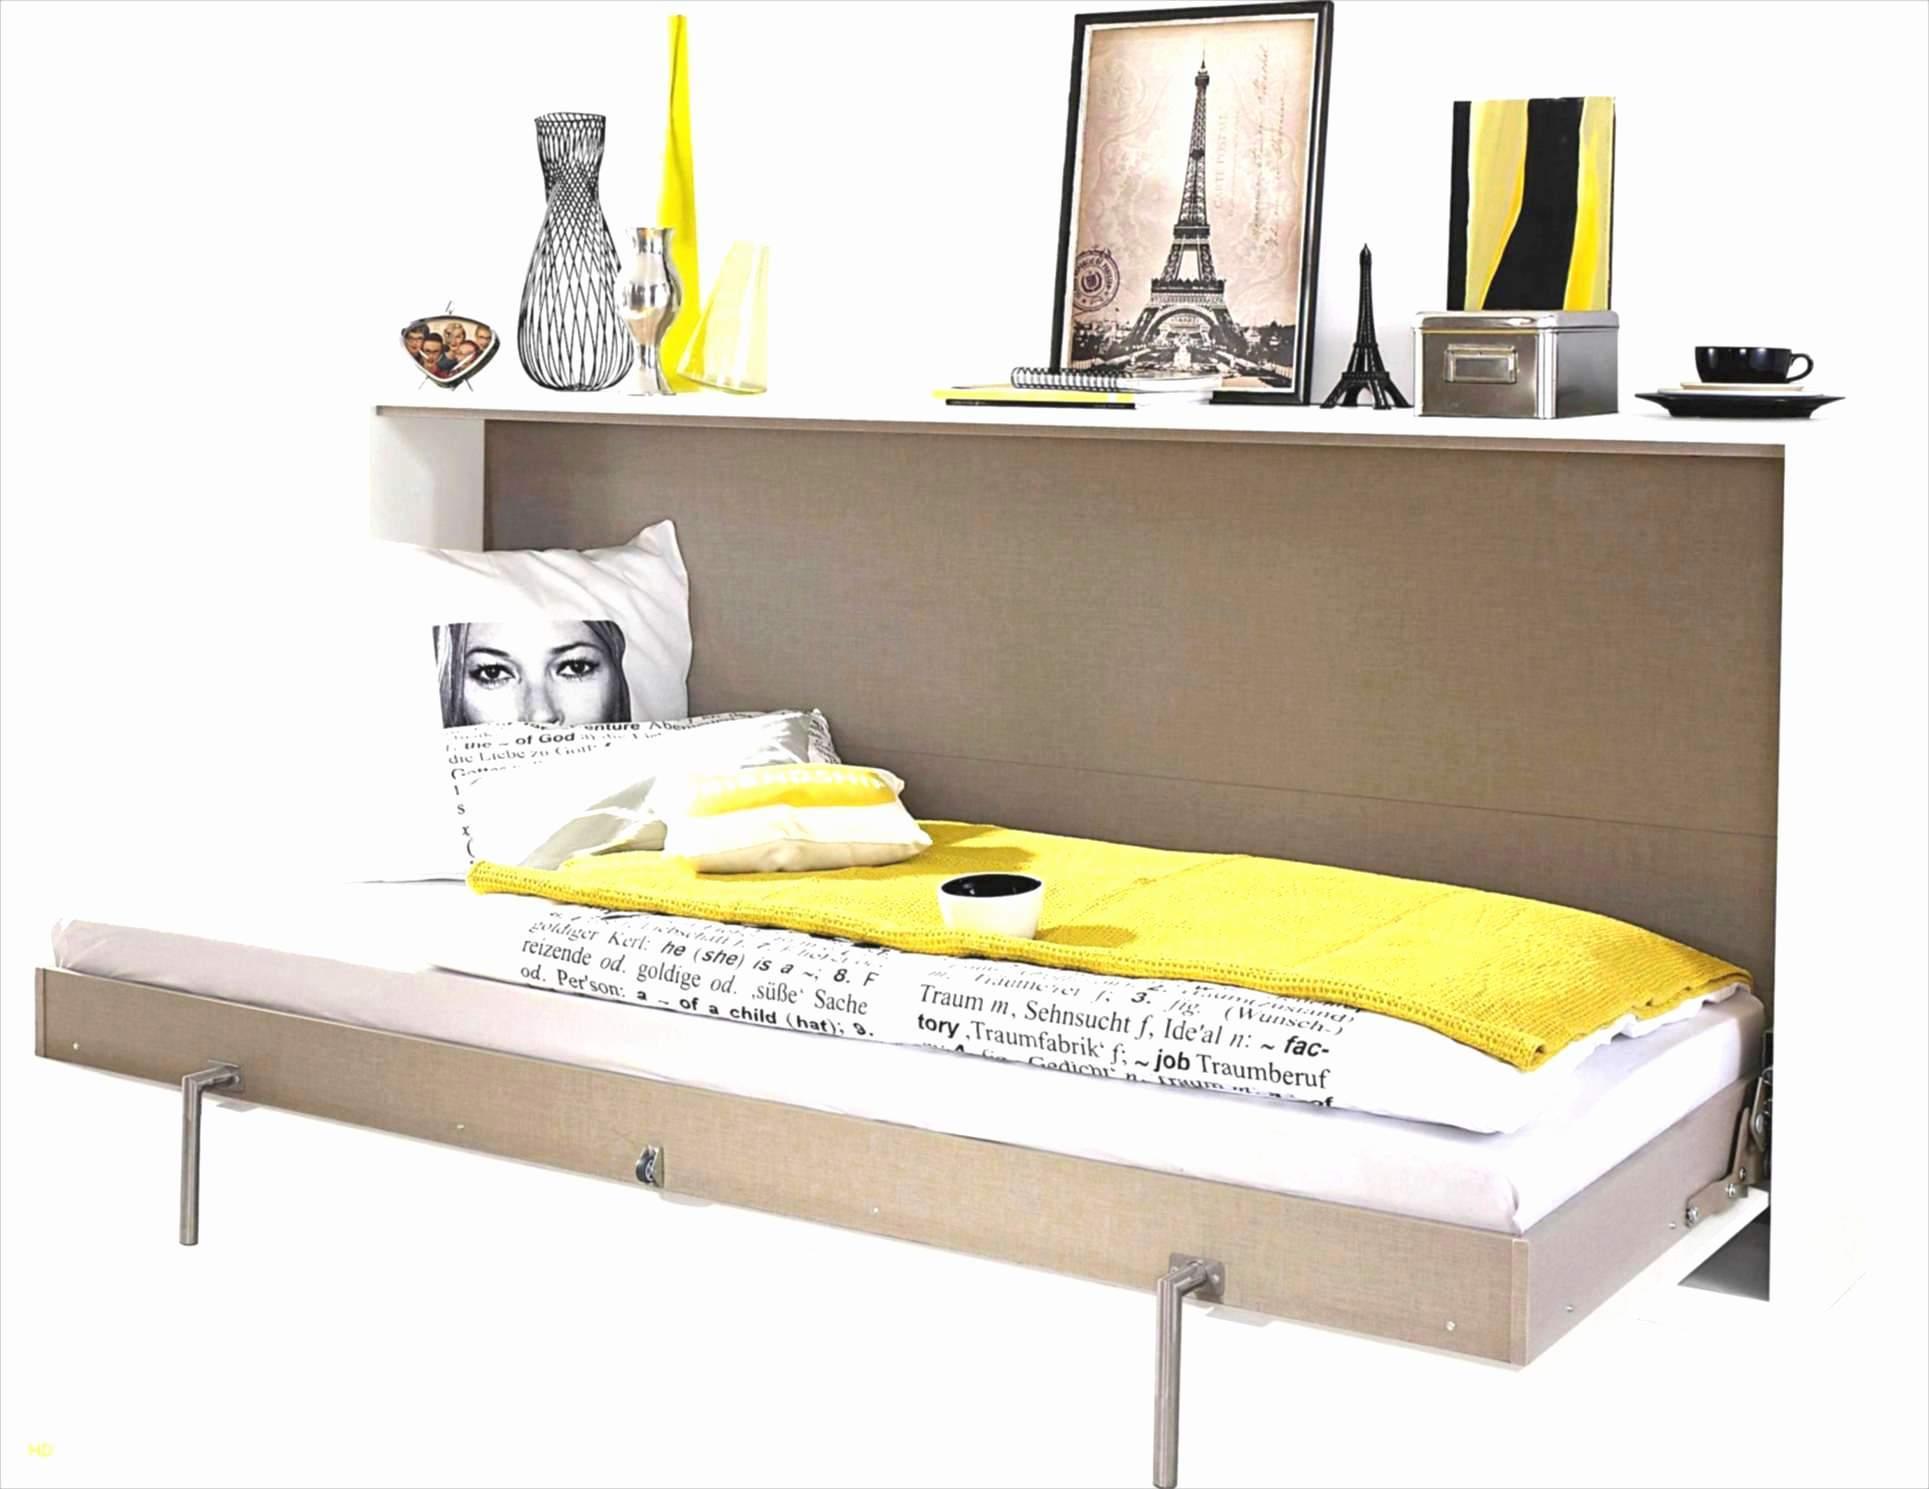 relaxliege wohnzimmer verstellbar reizend relaxliege wohnzimmer schon designs von relaxliege of relaxliege wohnzimmer verstellbar